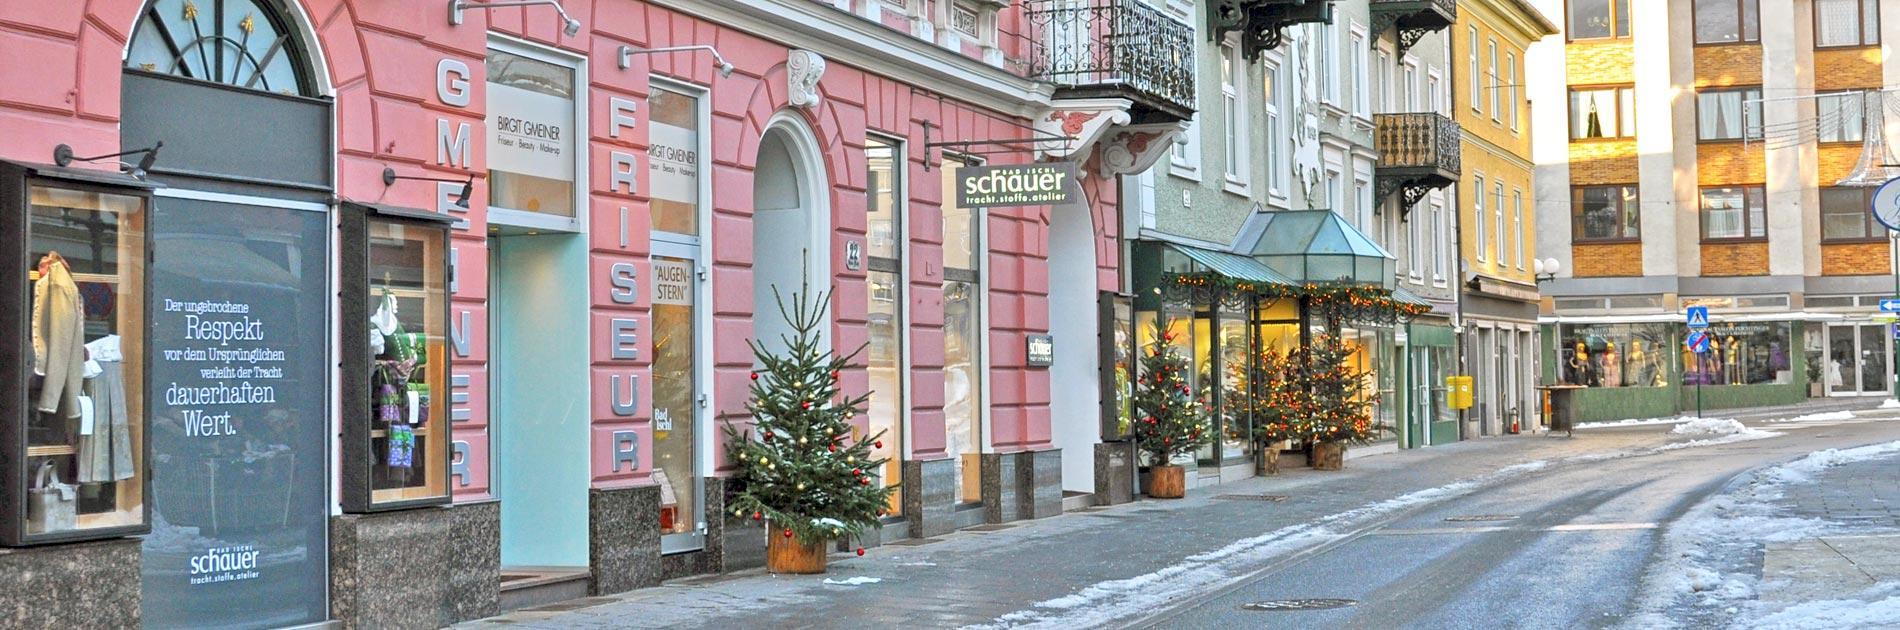 Eingang zum Friseur Birgit Gmeiner am Kreuzplatz 22